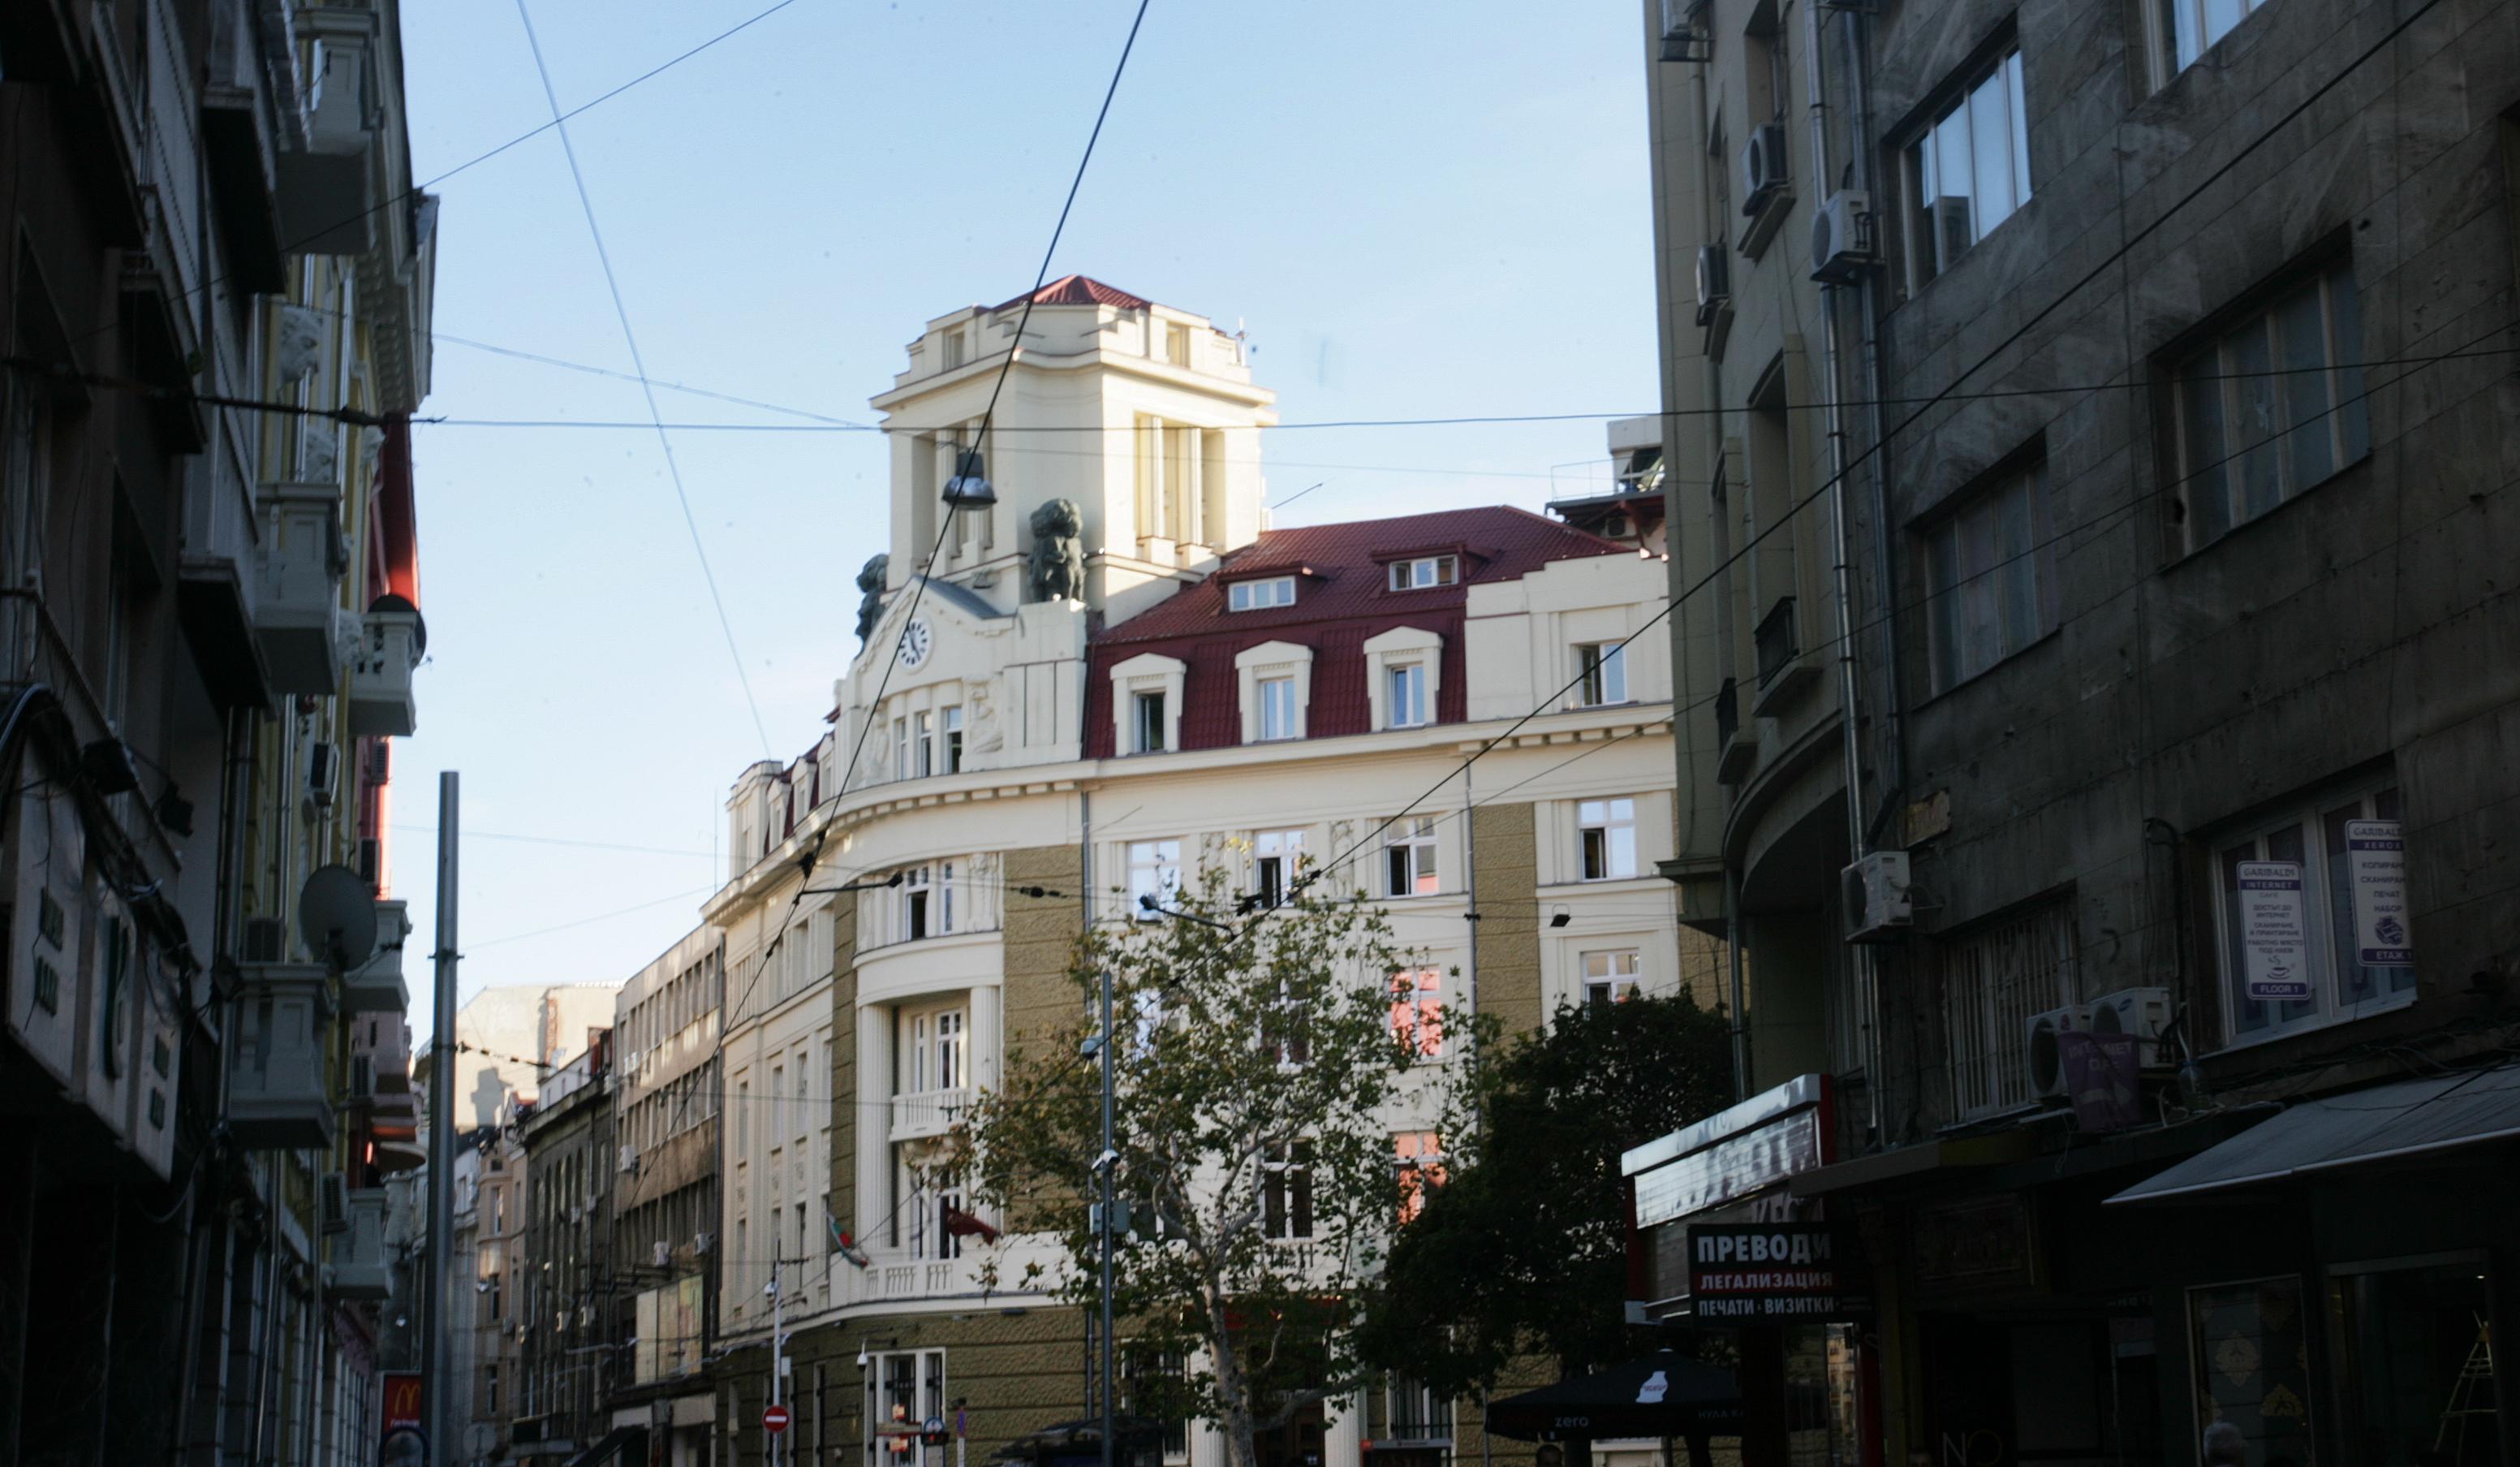 """Българска търговска банка, ул. """"Граф Игнатиев"""" 10 и ул. """"Ангел Кънчев"""" (1921), известна като банката на Буров, построена от арх. Димо Ничев, Фингов и Юруков."""